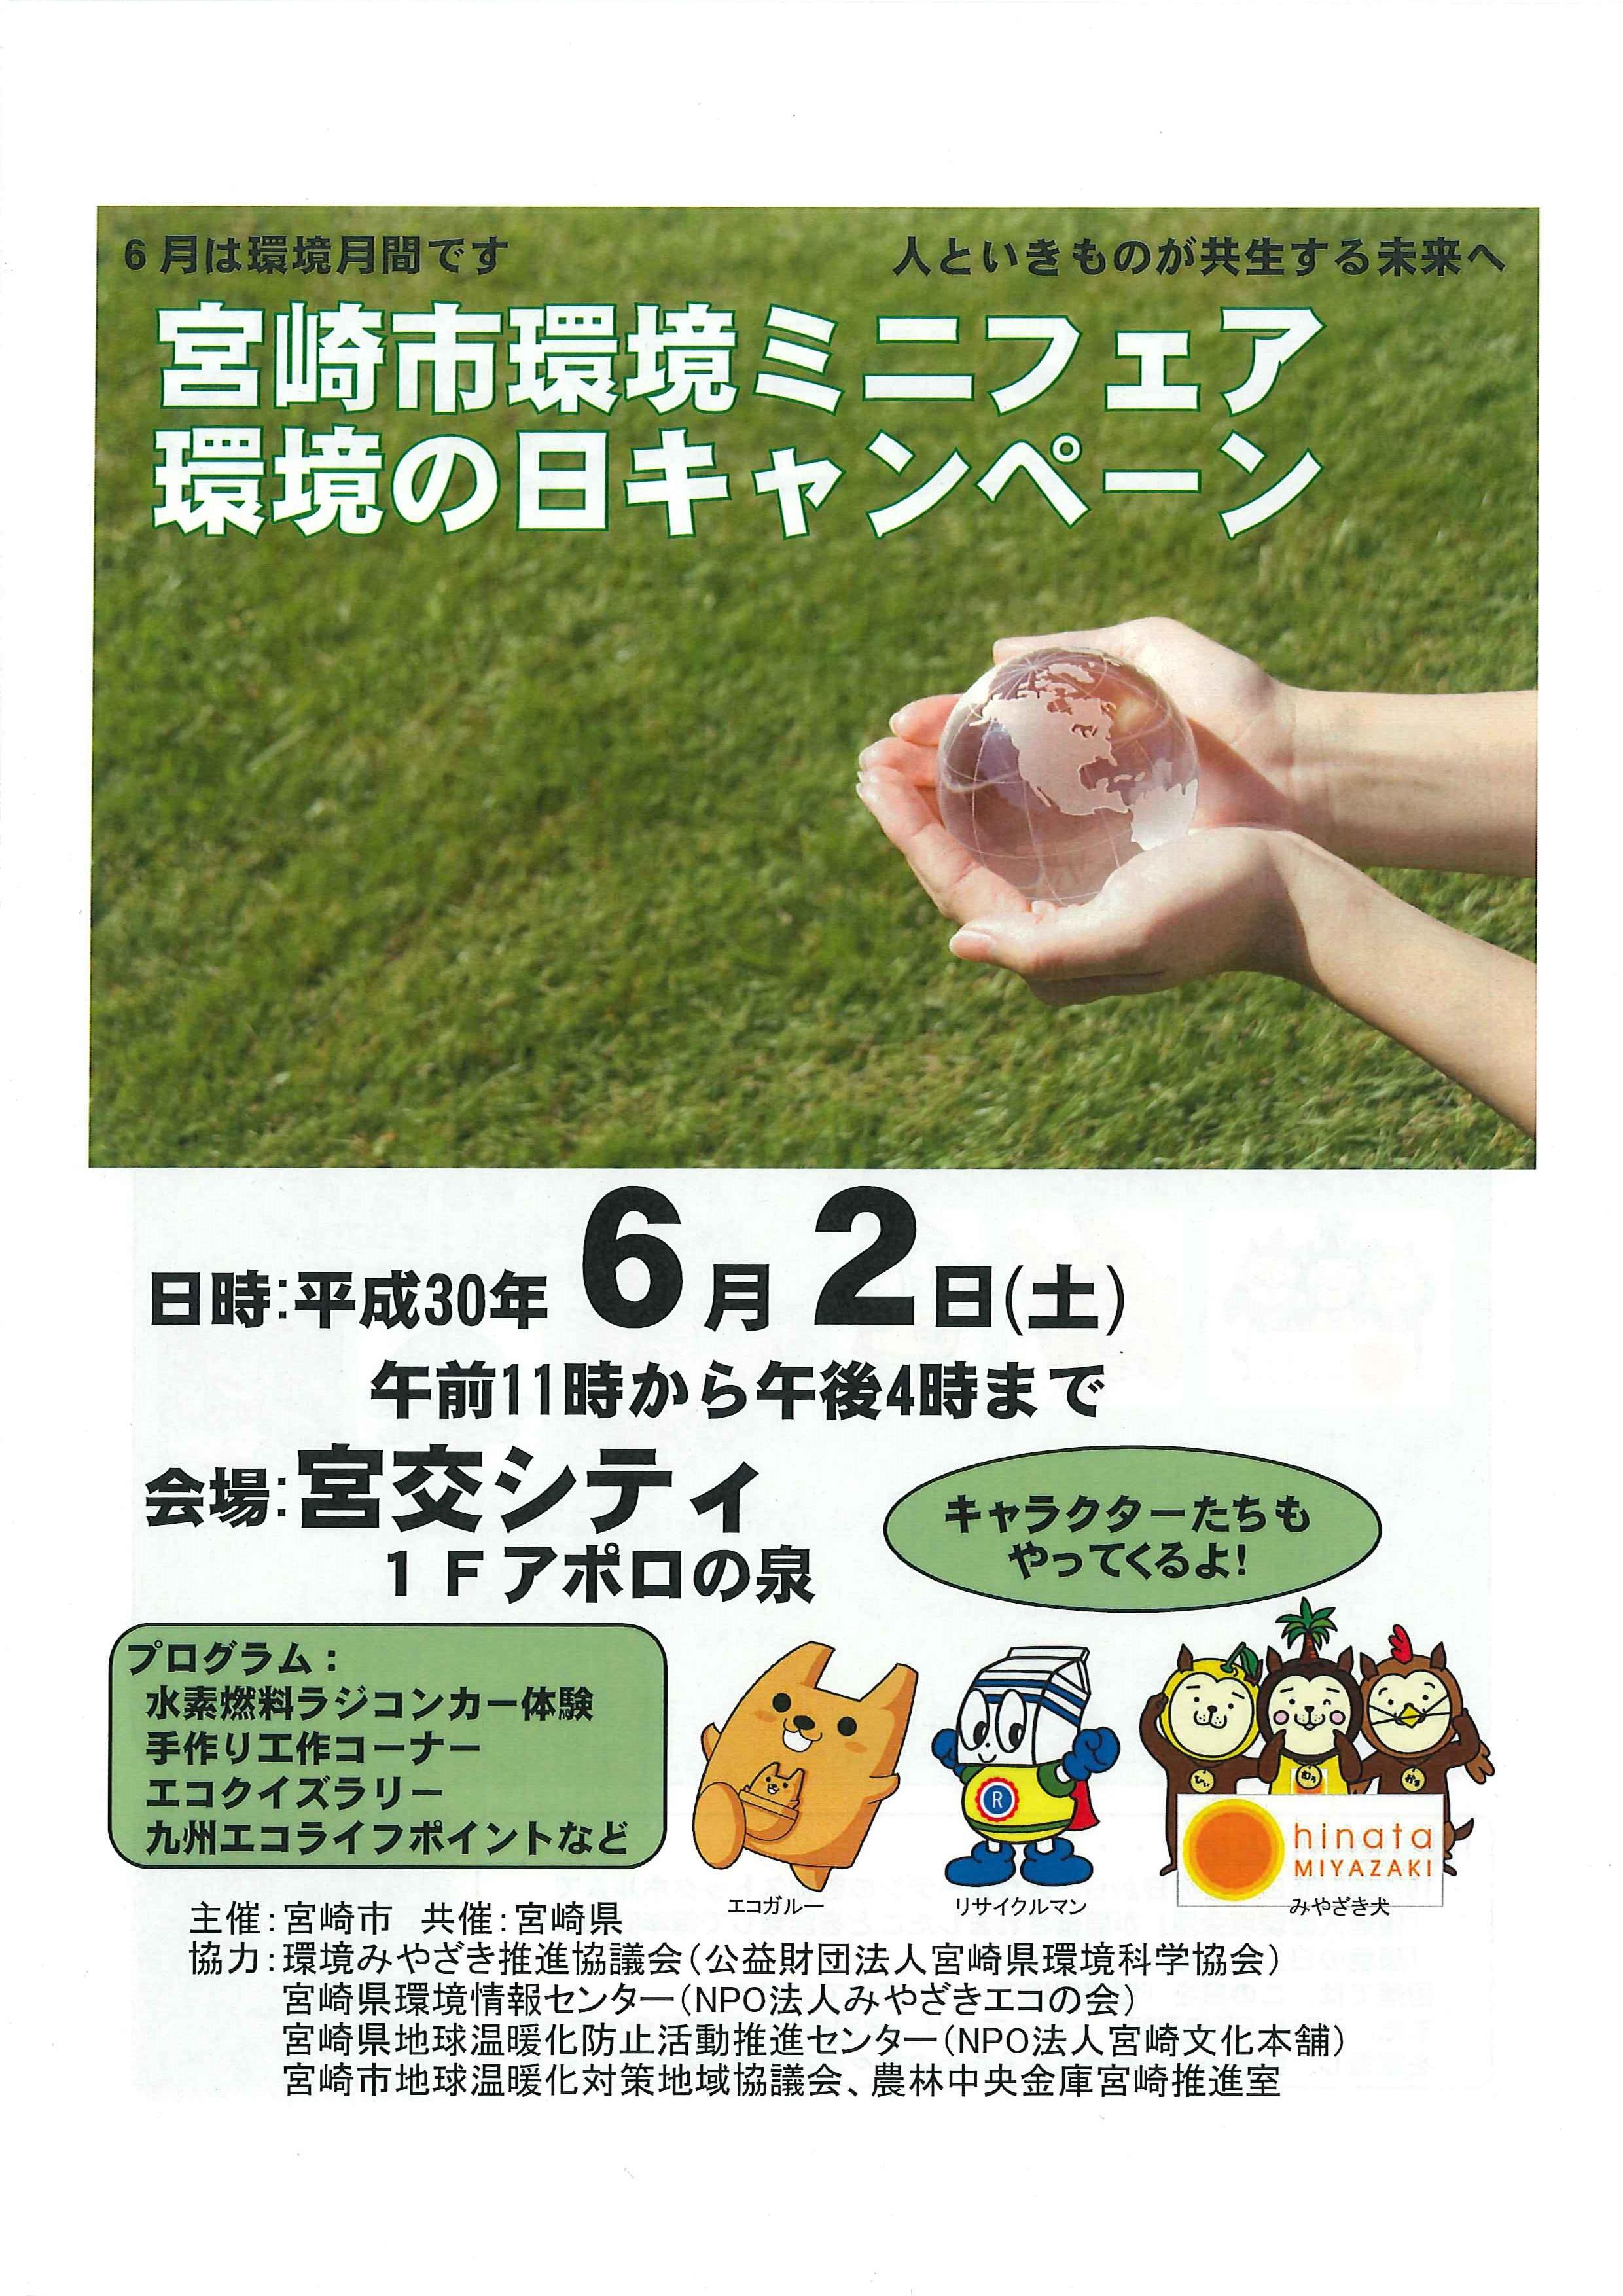 宮崎市環境ミニフェア 環境の日キャンペーン 【宮崎市主催イベント】